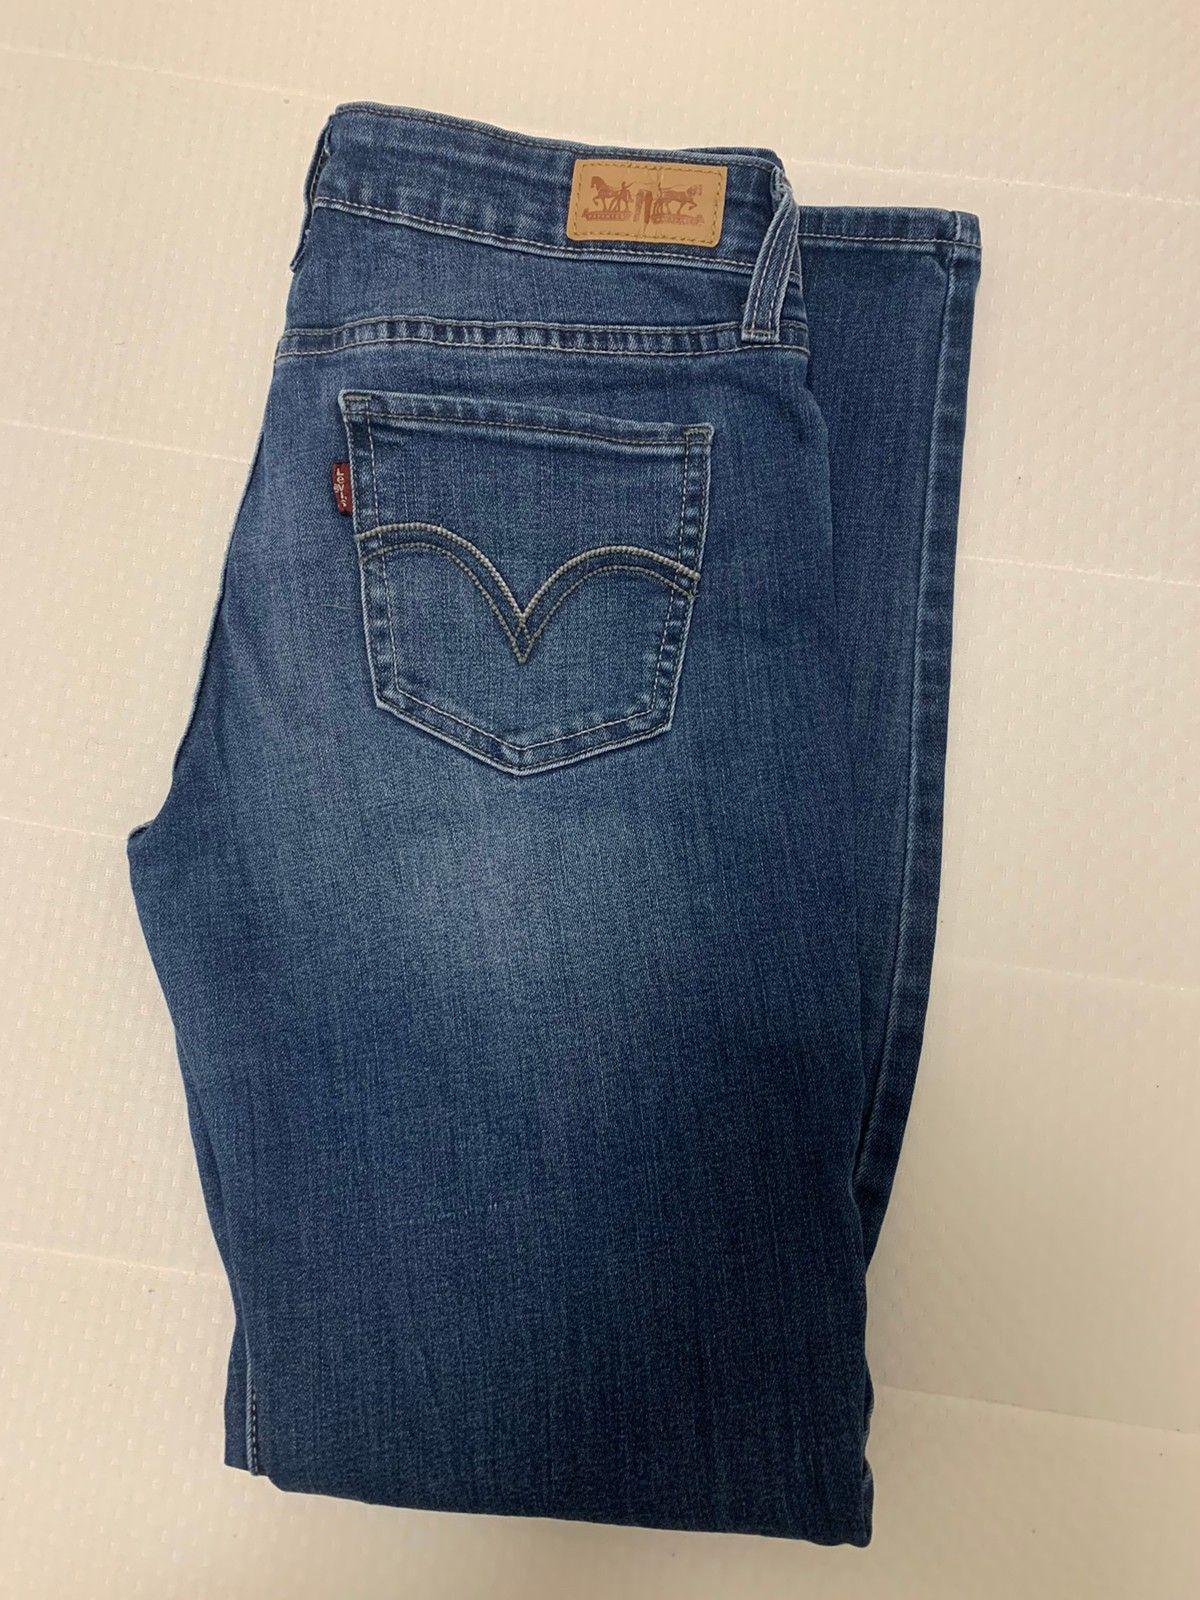 Levis bukser | FINN.no